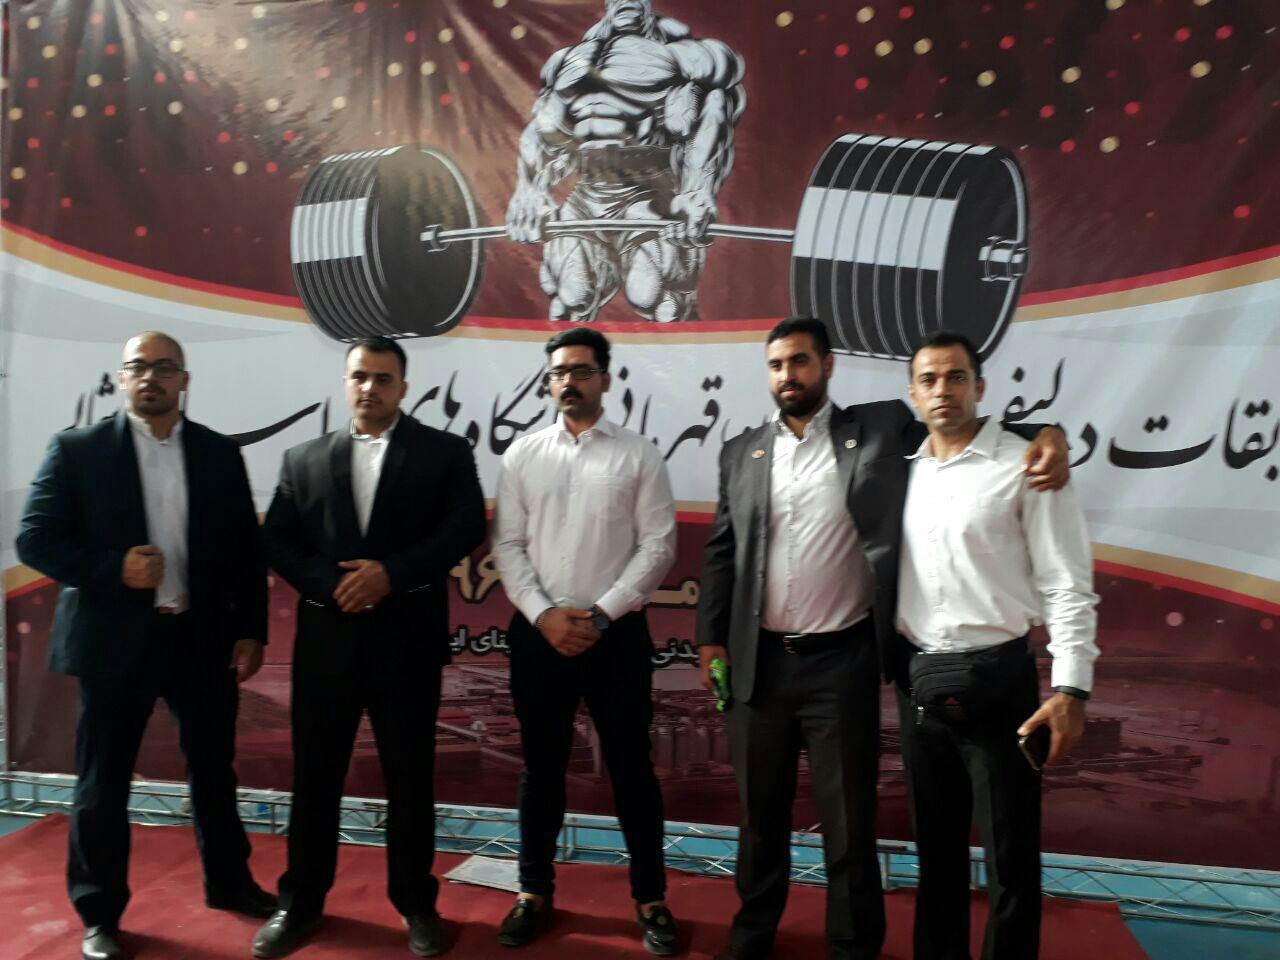 پایان مسابقات ددلیفت قهرمانی باشگاه های خراسان شمالی در جاجرم